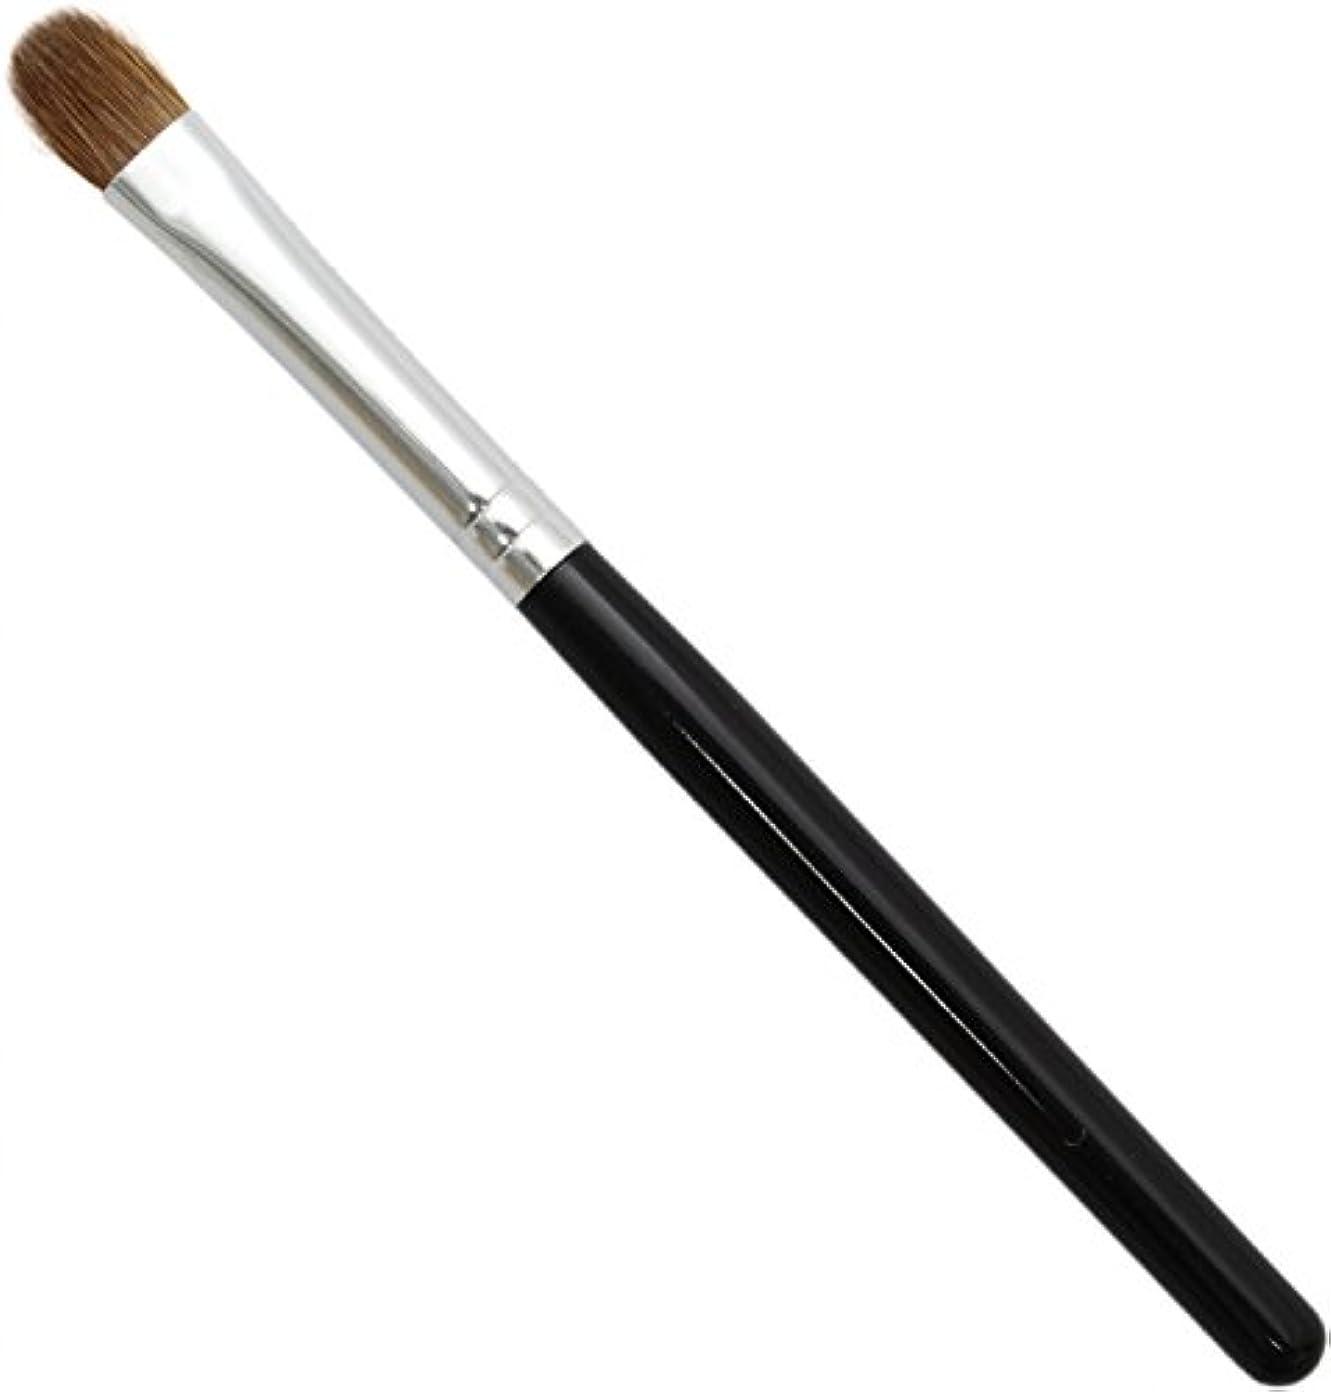 雷雨参照するに渡って熊野筆 メイクブラシ KUシリーズ アイシャドウブラシ 小 イタチ毛